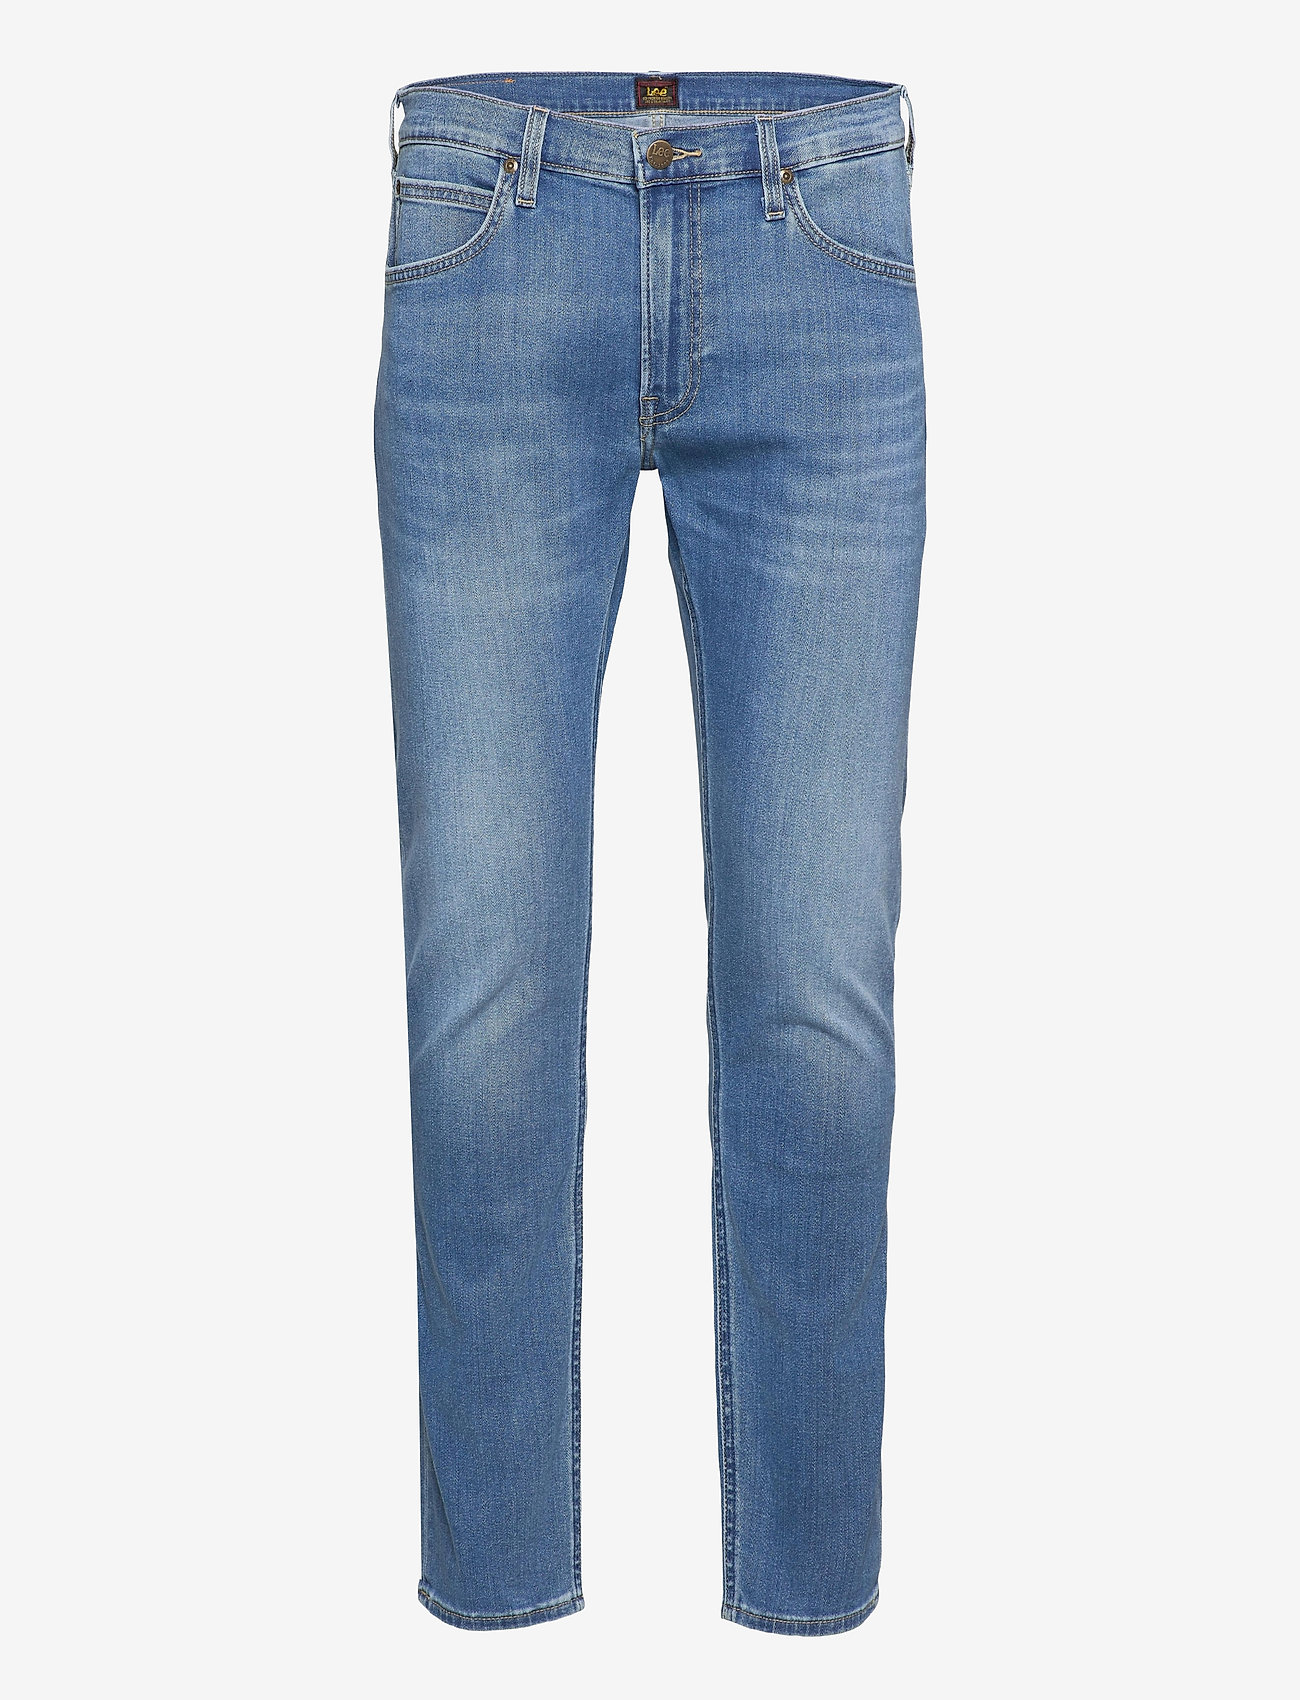 Lee Jeans - LUKE - regular jeans - light ray - 0